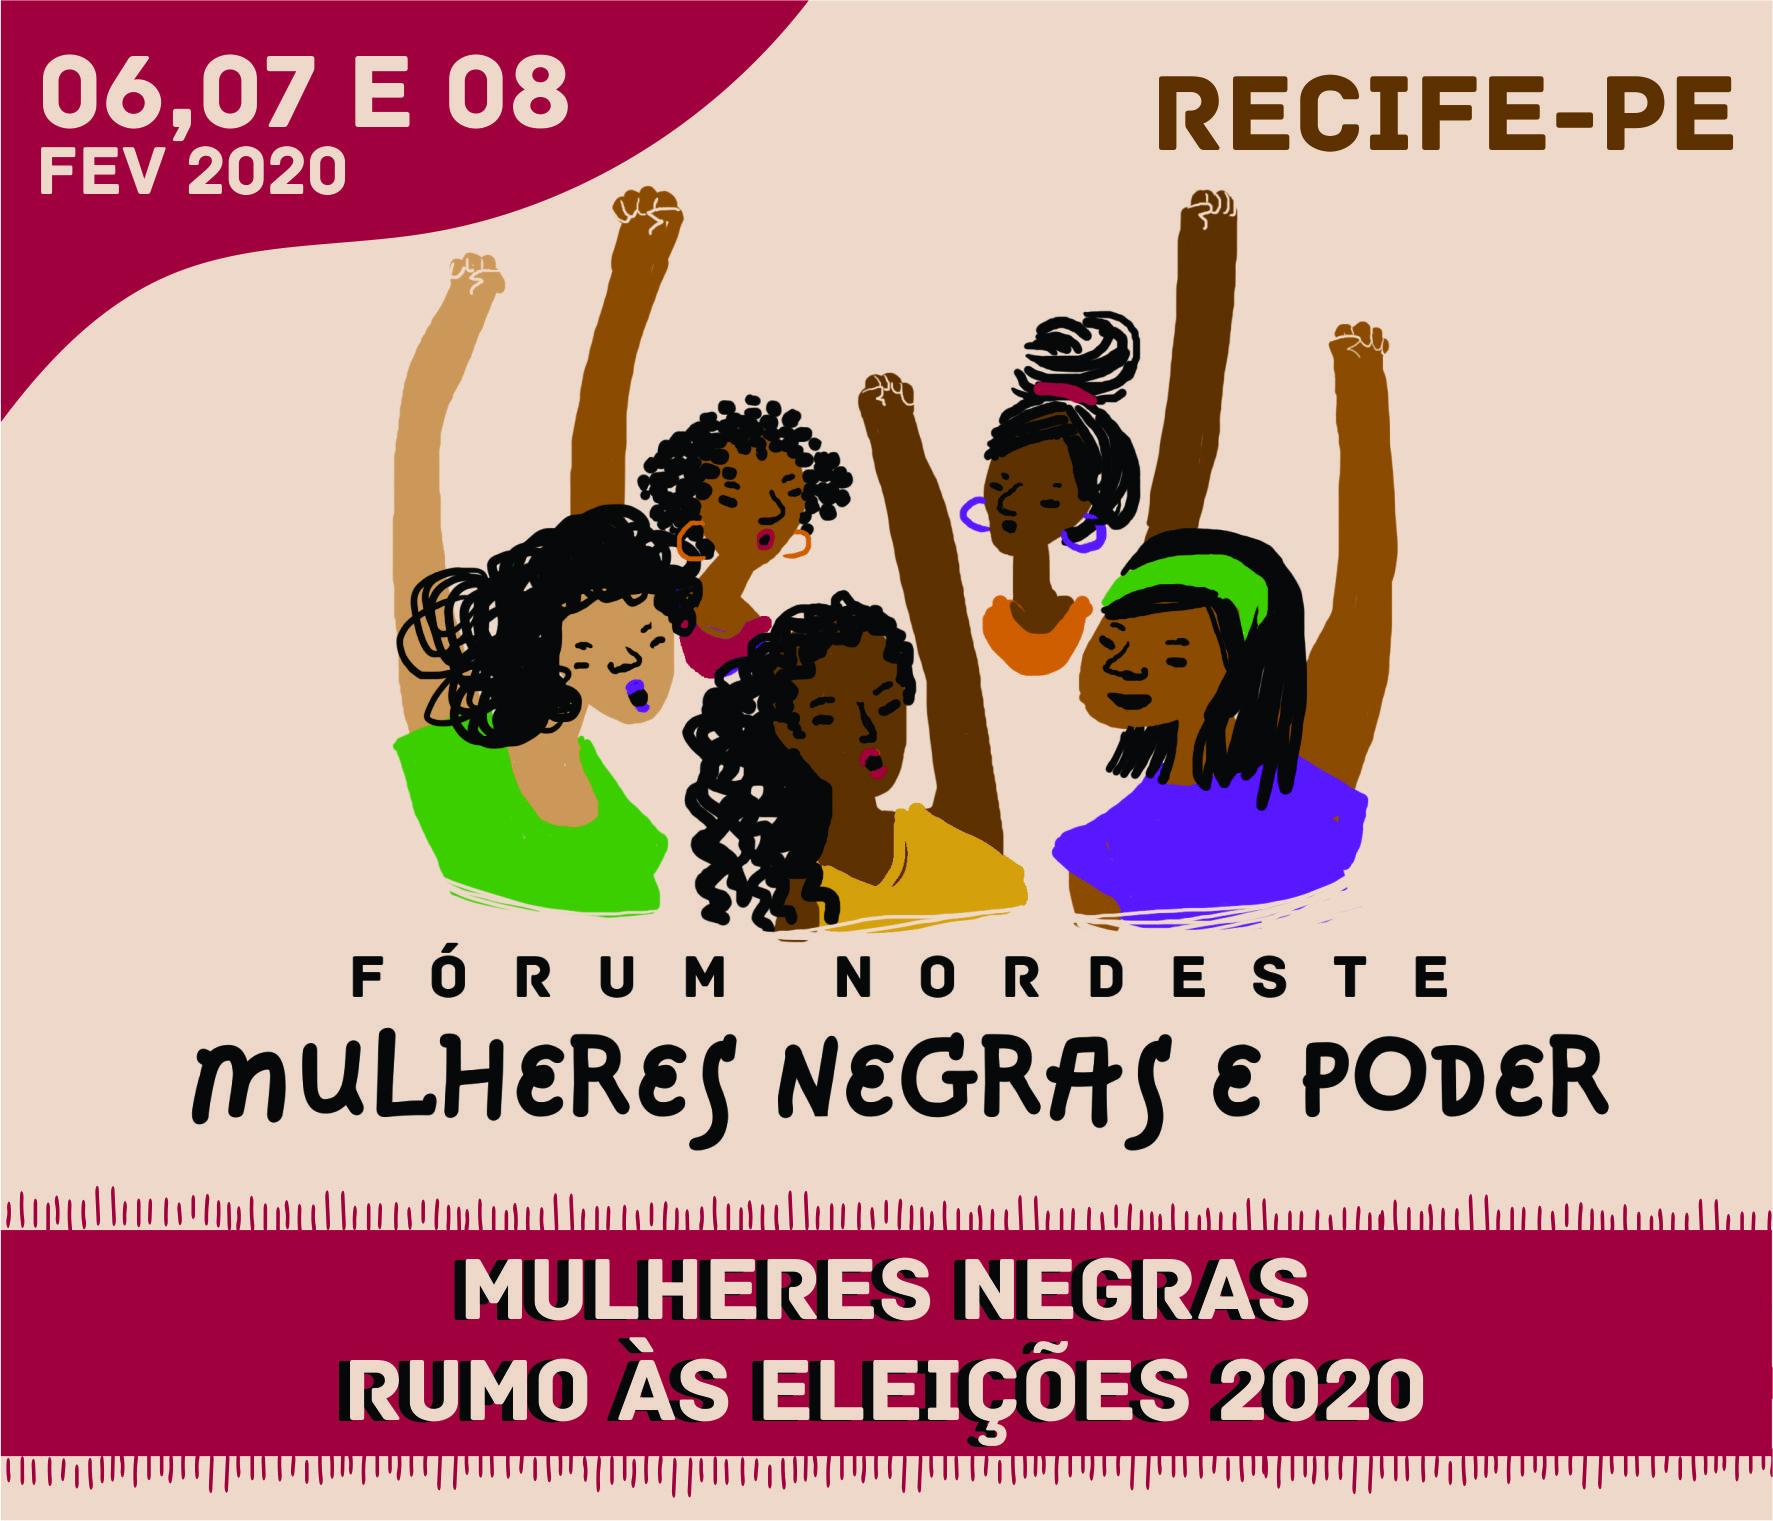 Mulheres negras do Nordeste discutem política representativa